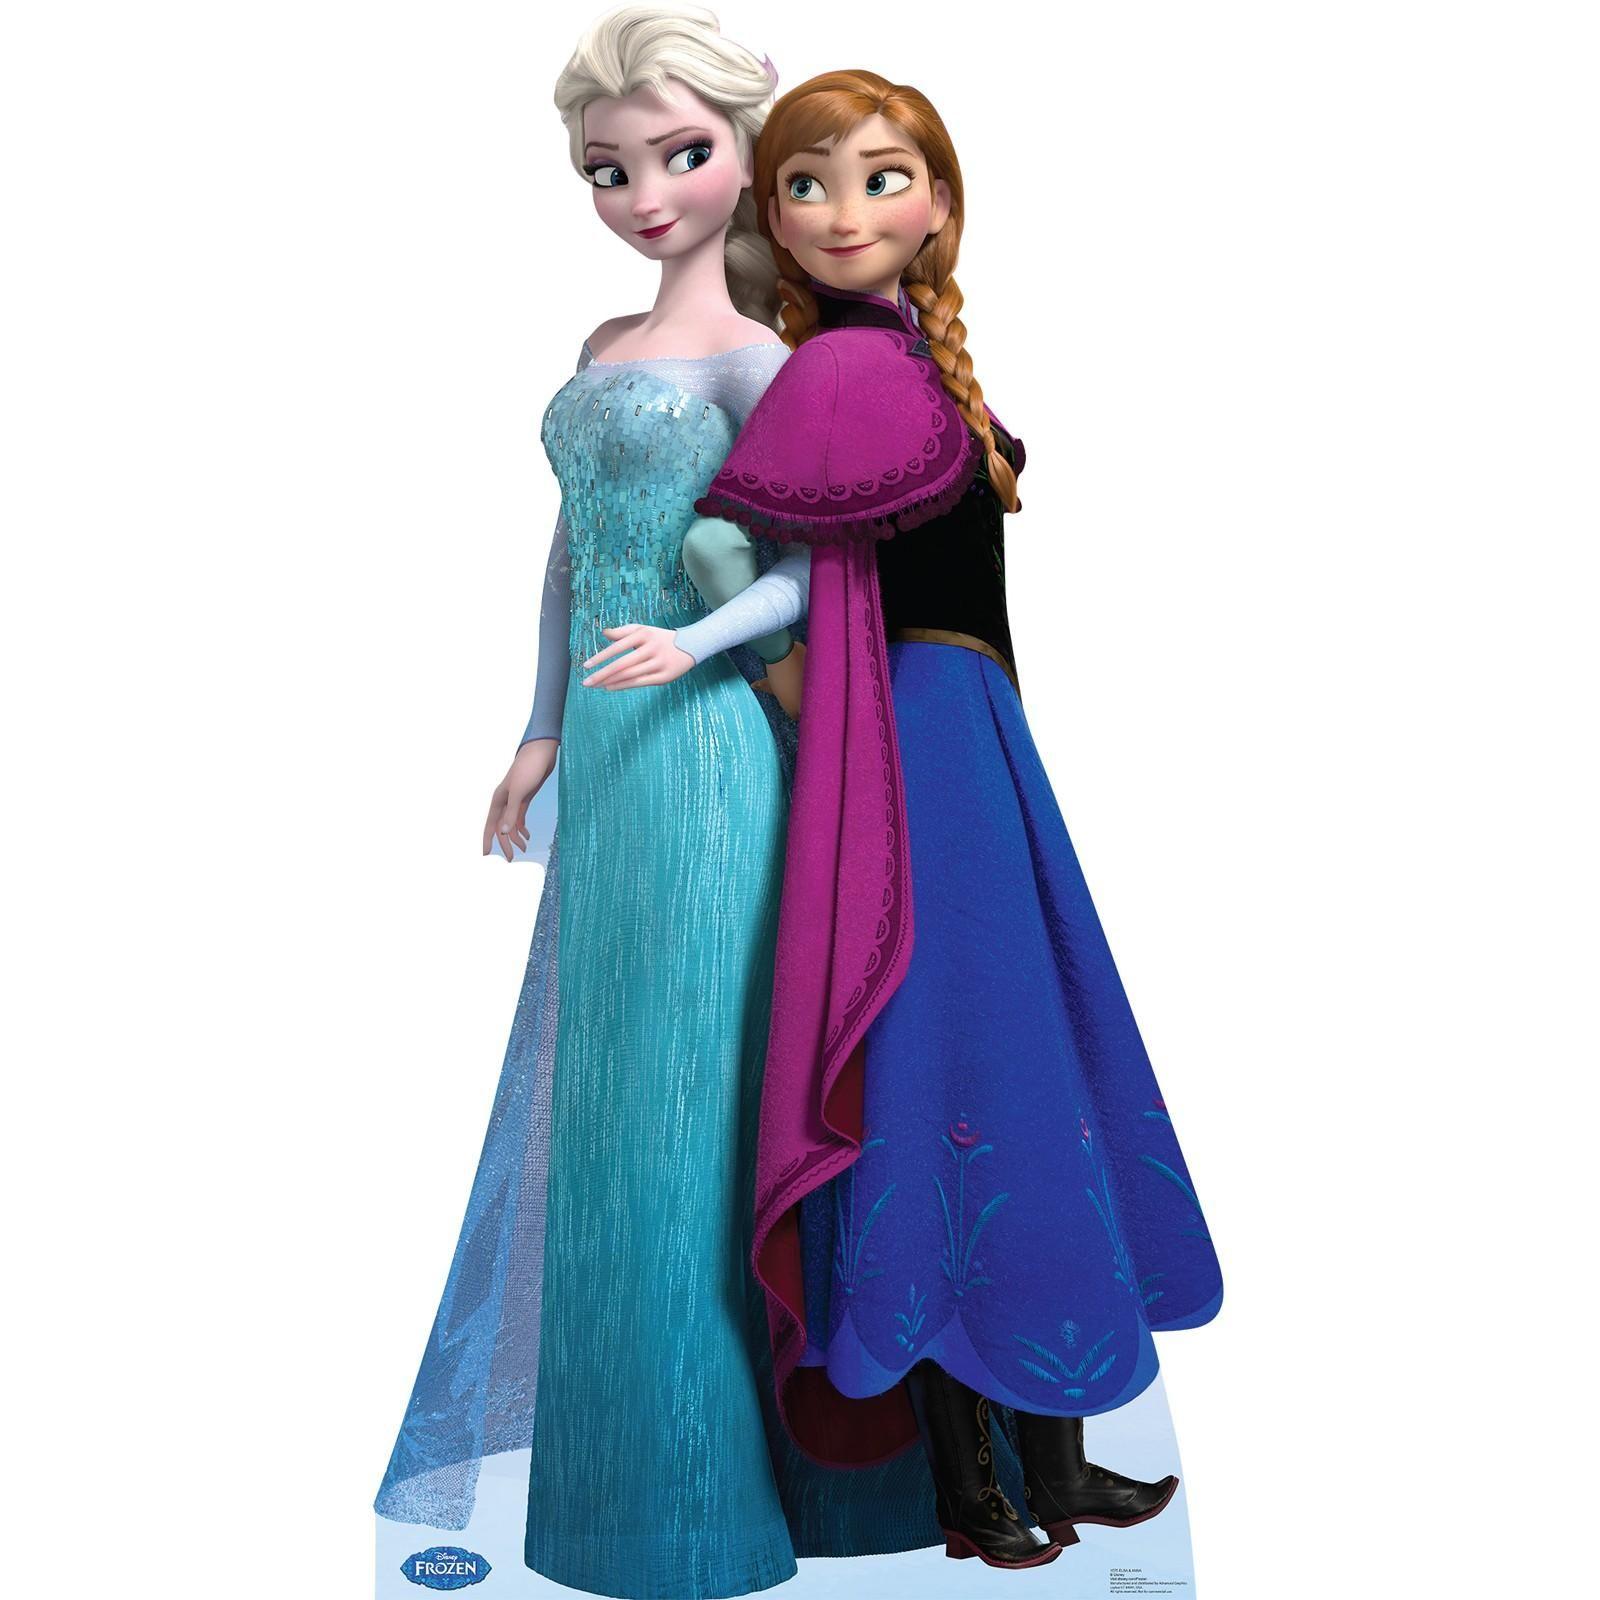 Disney Frozen Elsa and Anna Standup 6 Tall